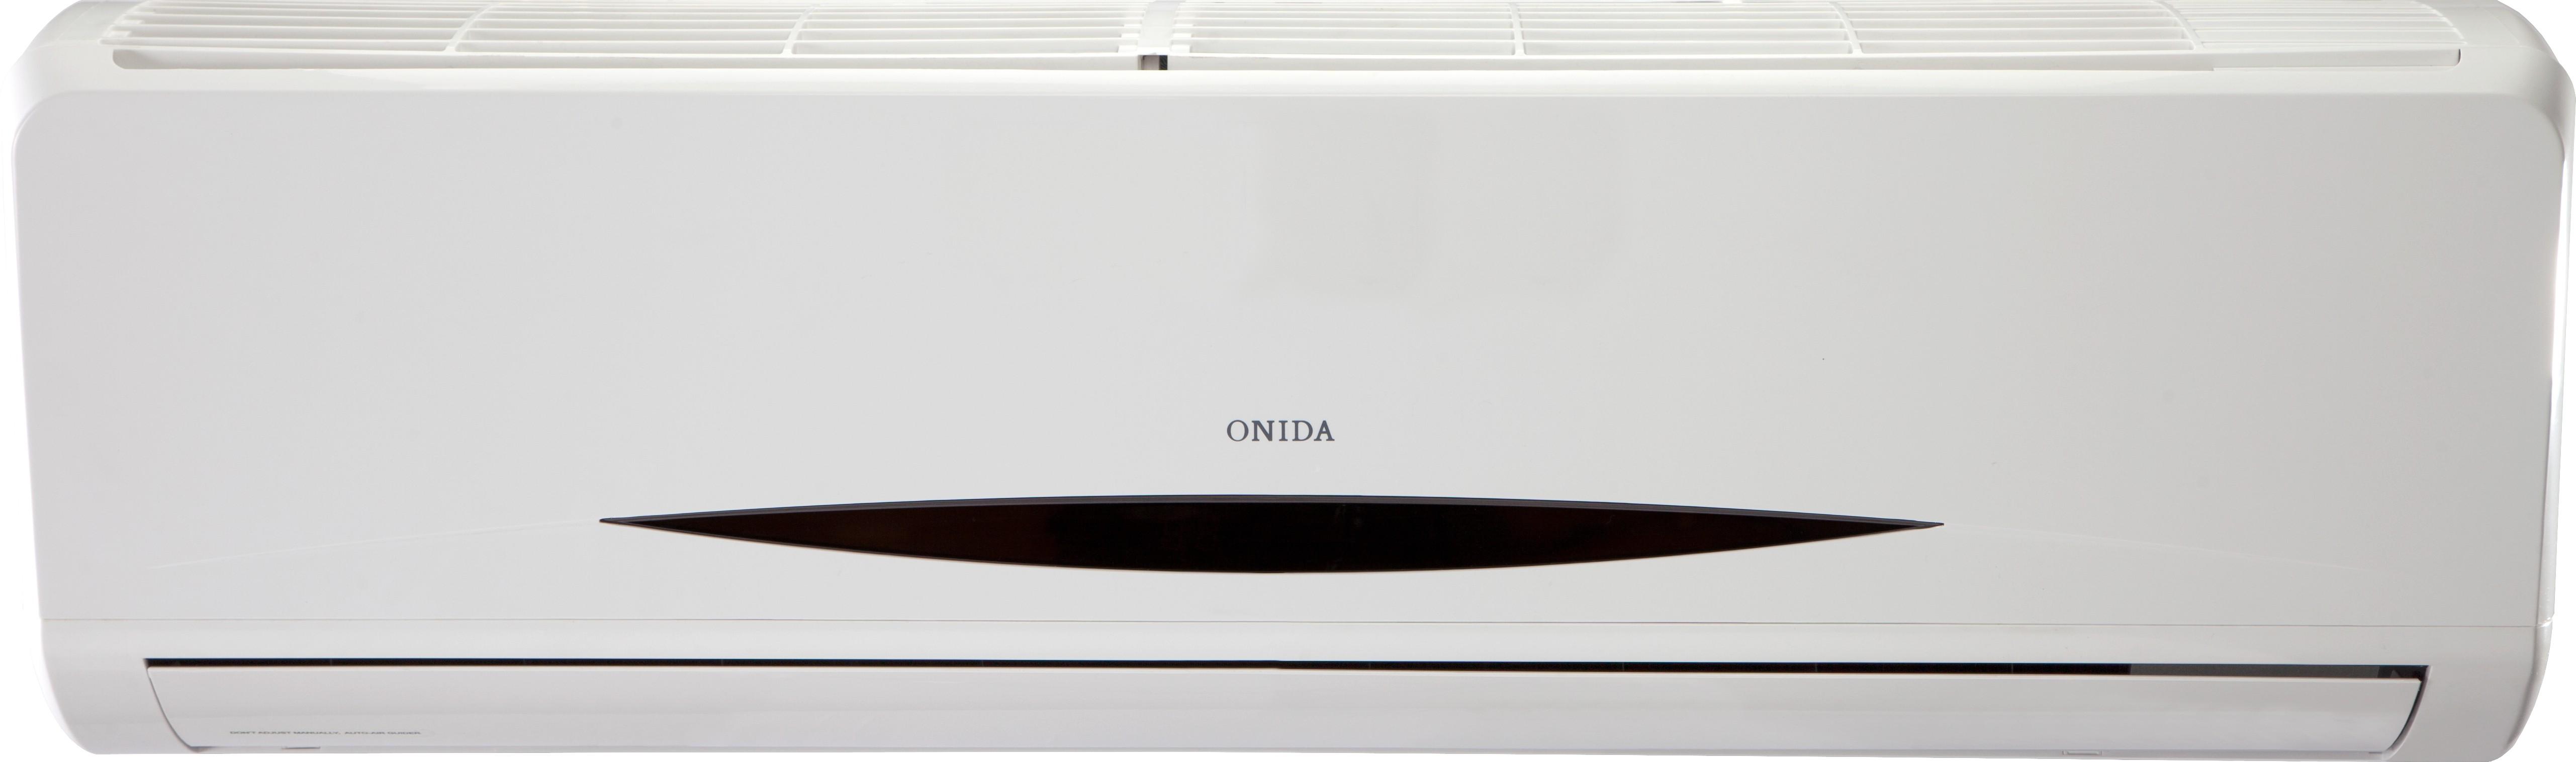 Onida 1.5 Ton 3 Star Split AC White #1A1212